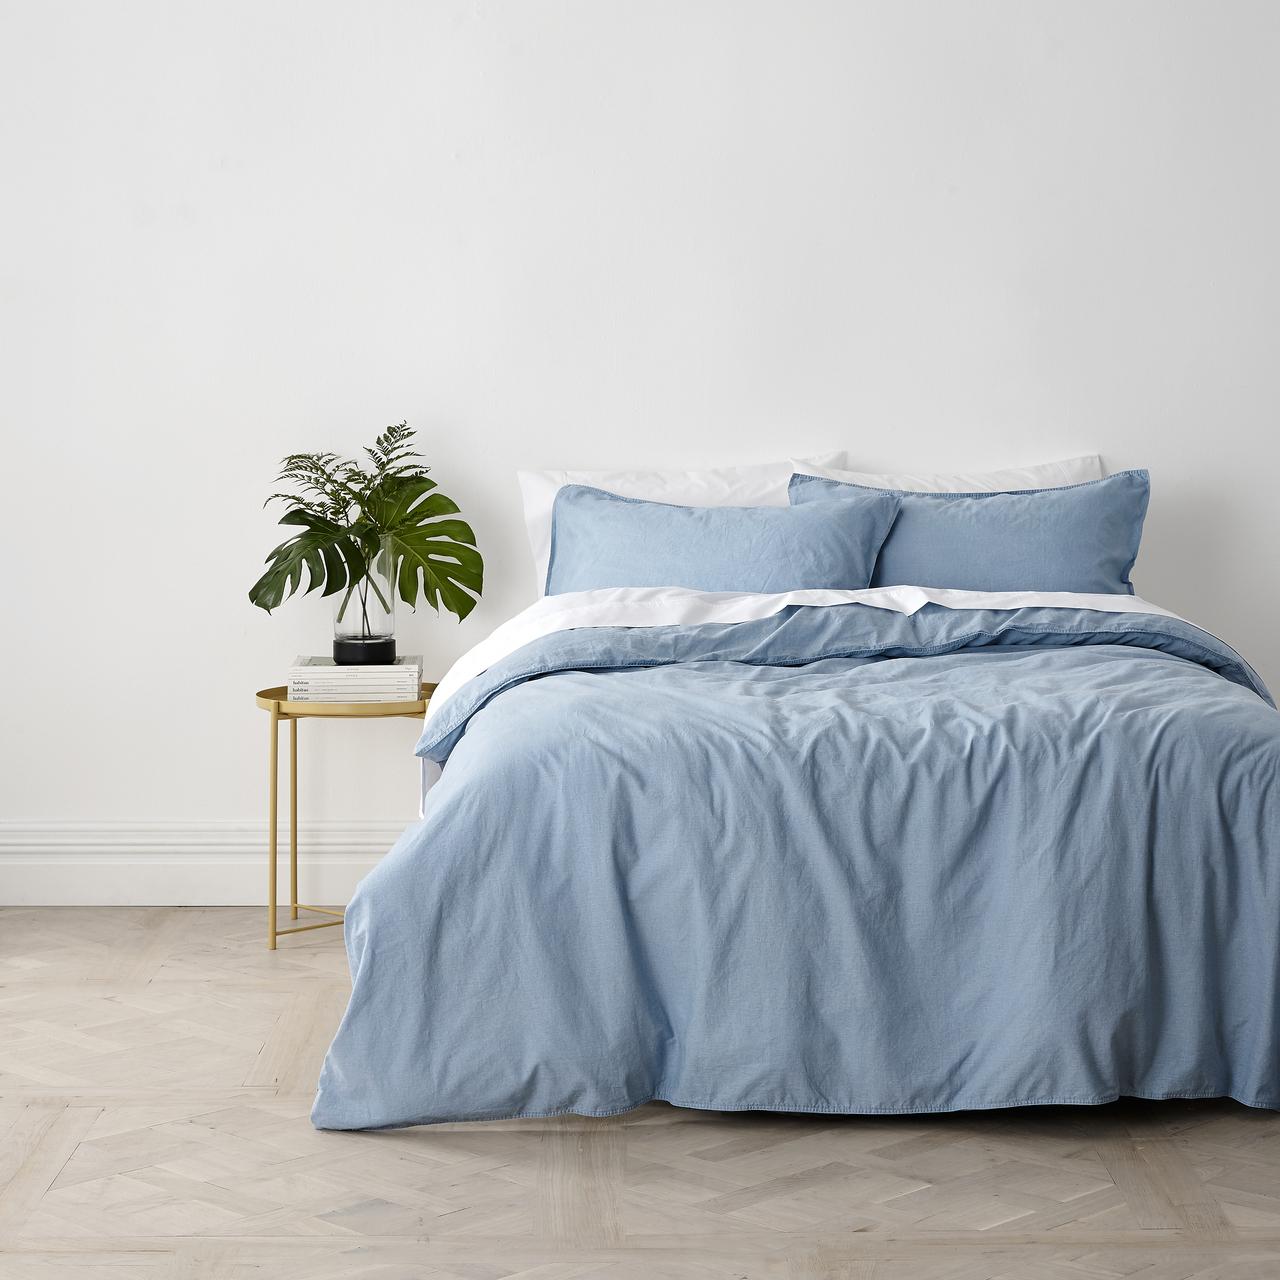 In2Linen Stonewash Quilt Cover - Denim blue